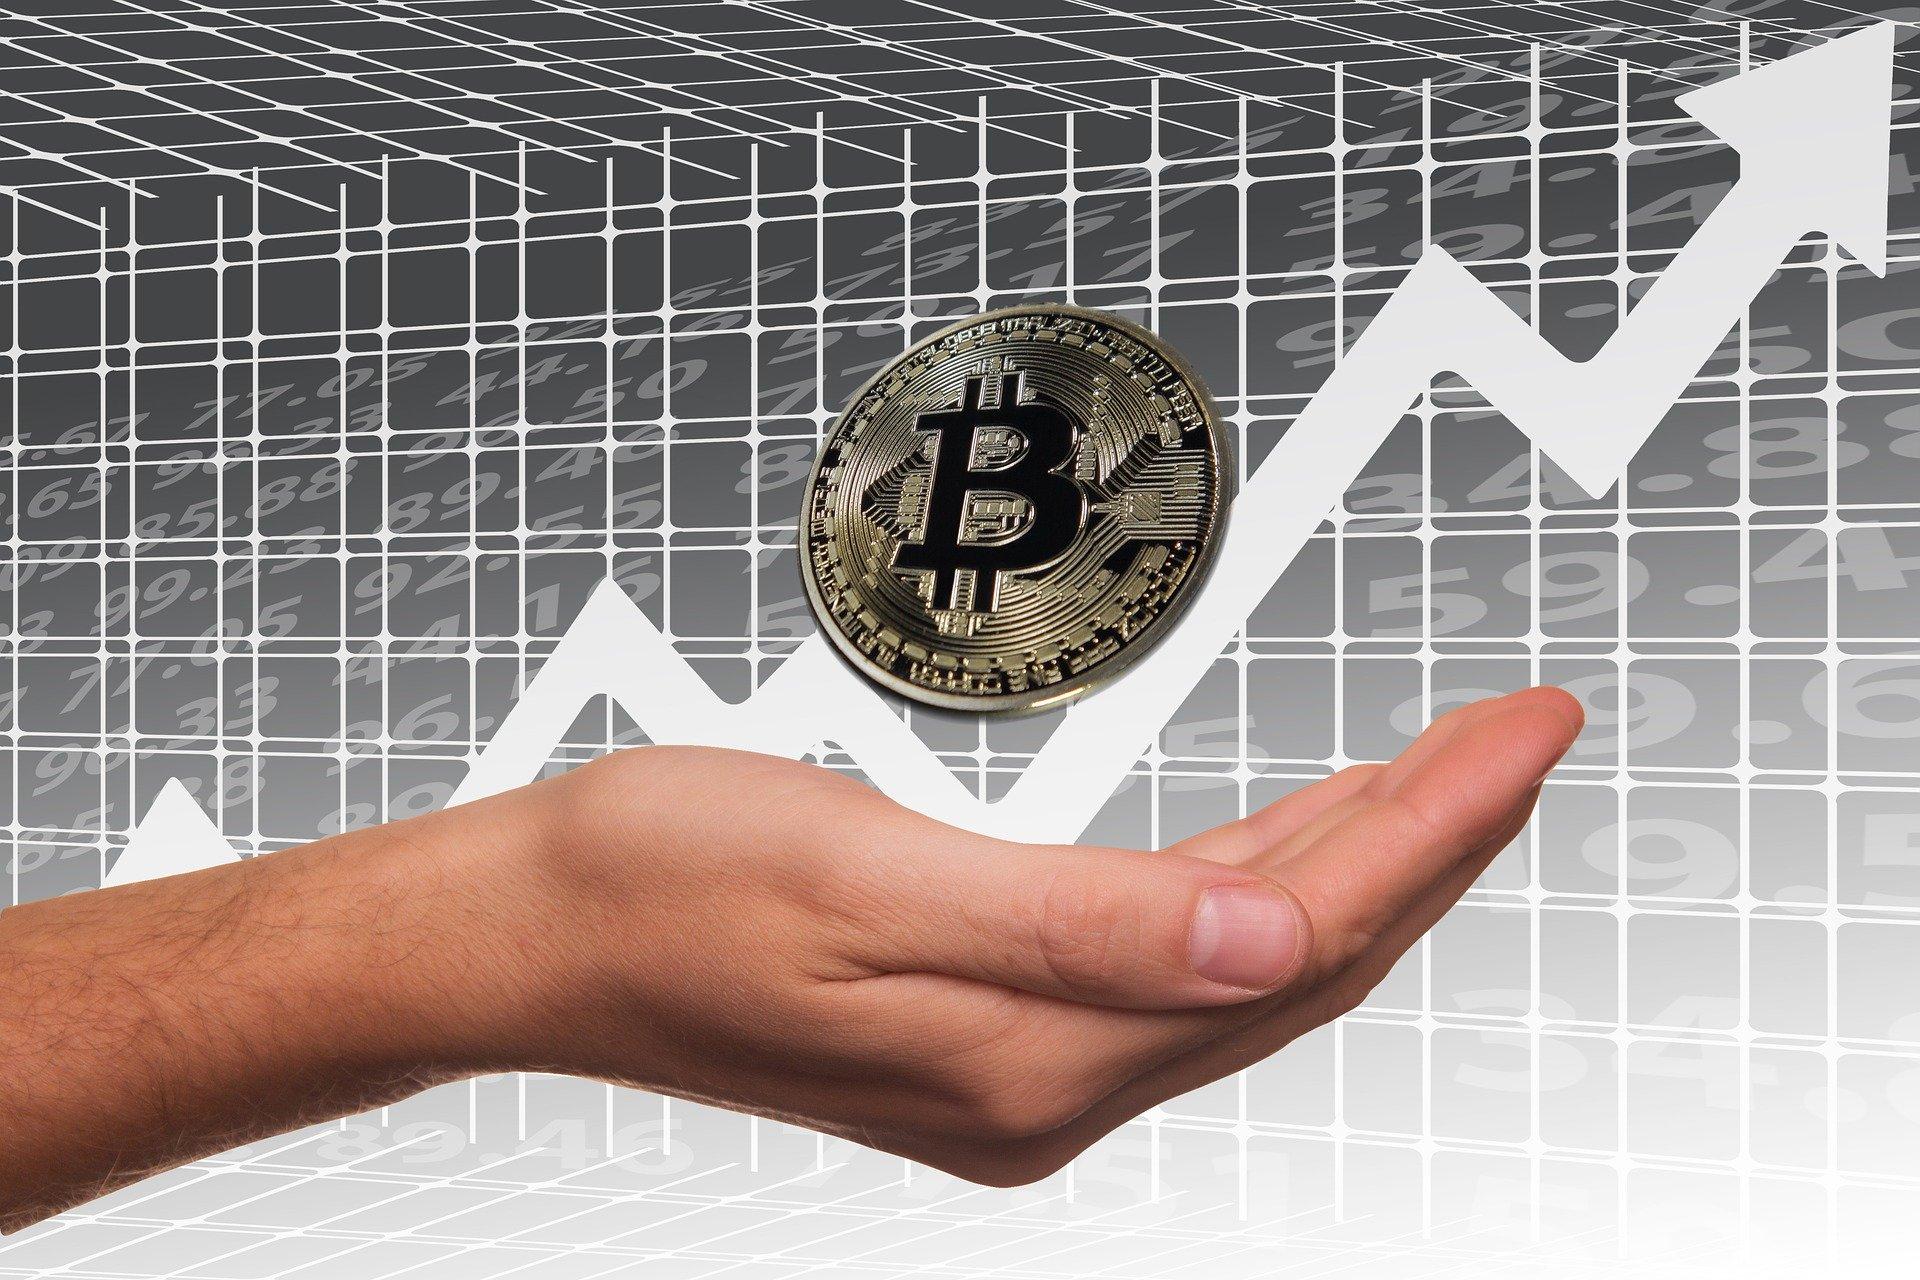 Рынок виртуальной валюты в Гибралтаре: тенденции и регулирование